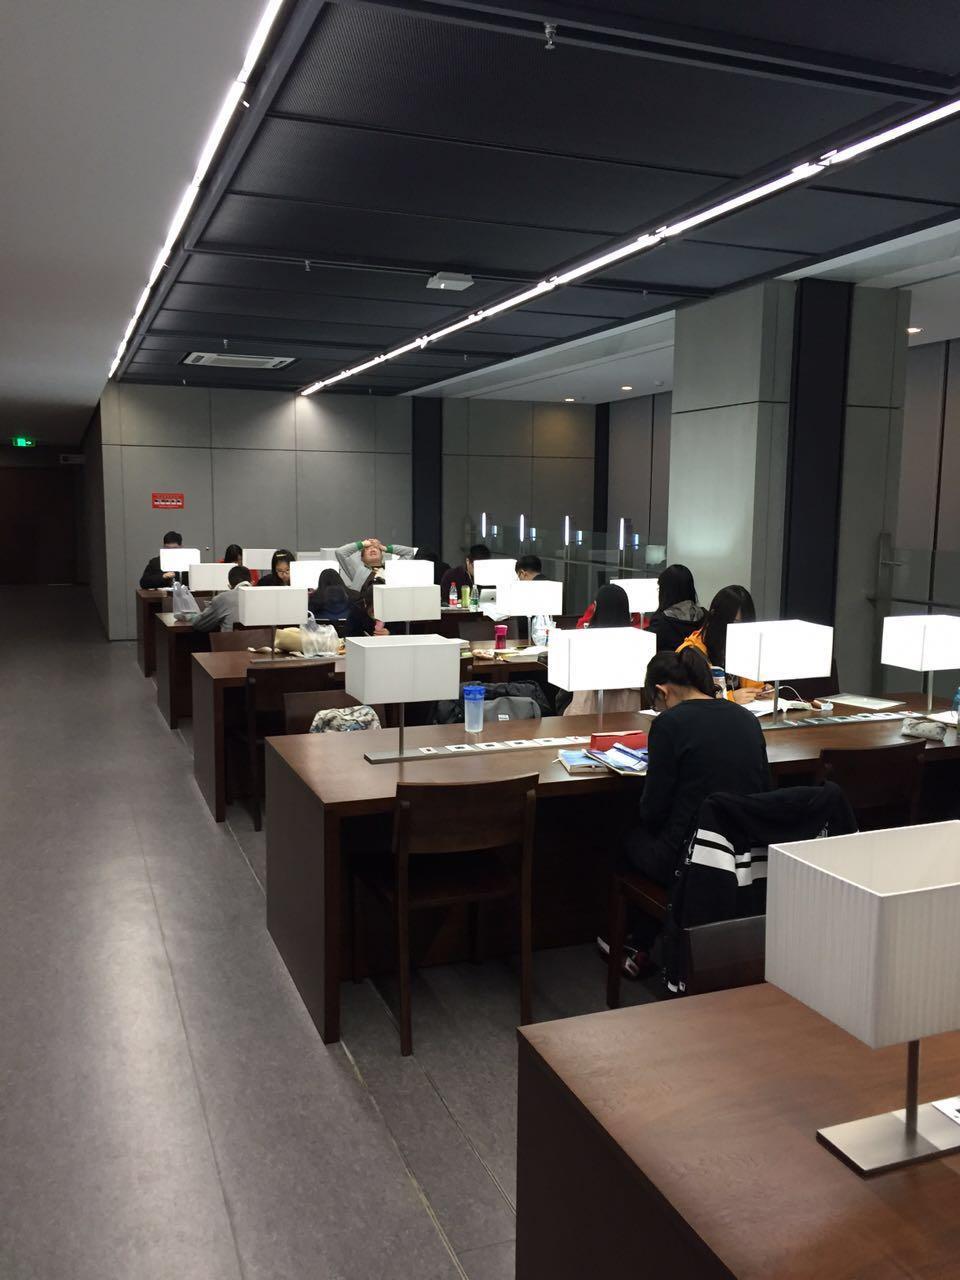 累的图片_使用中央财经大学沙河校区新图书馆是怎样的体验? - 知乎